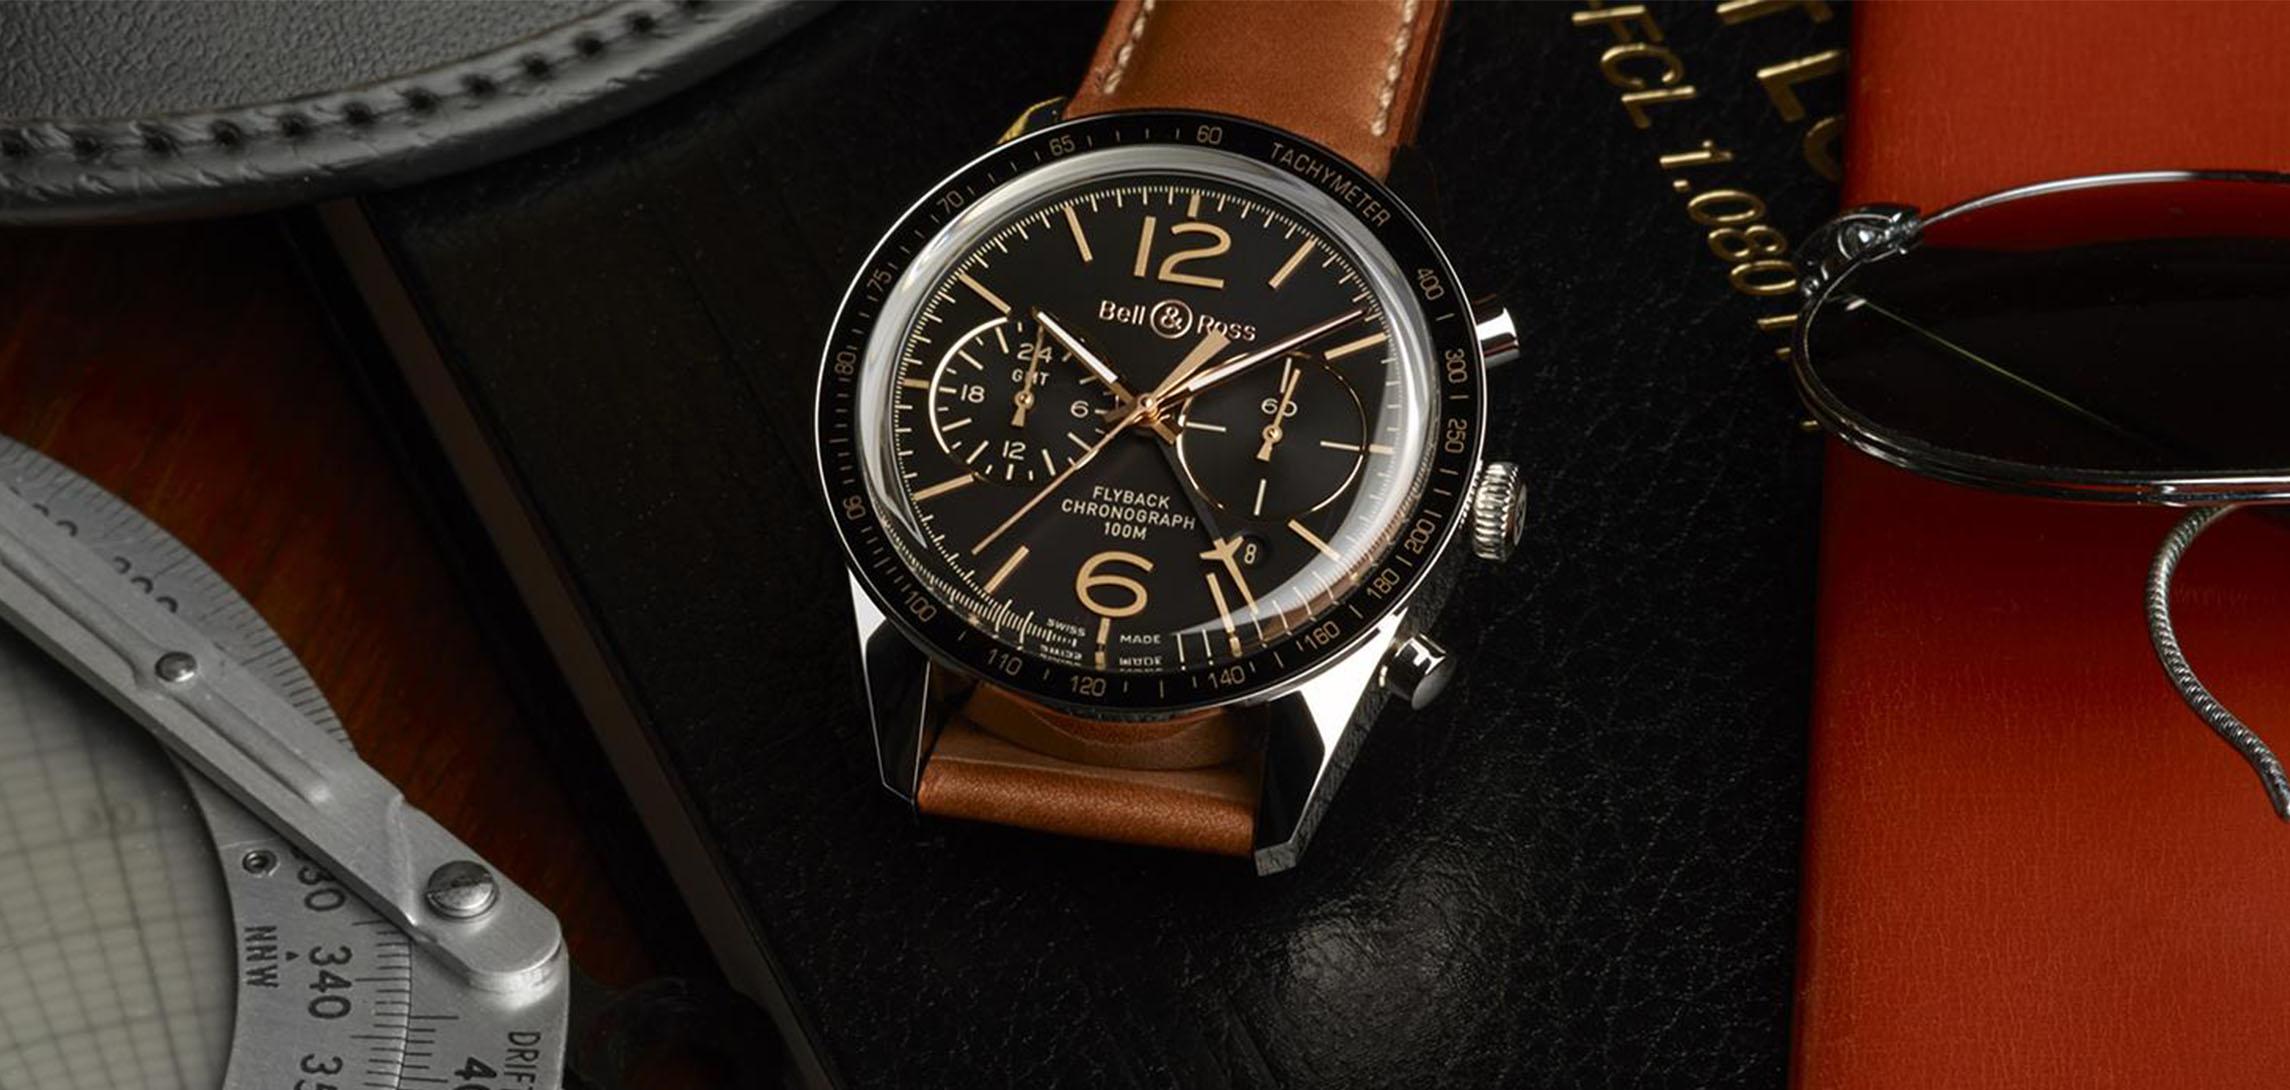 Bell & Ross : L'horlogerie au service des astronautes et pilotes !